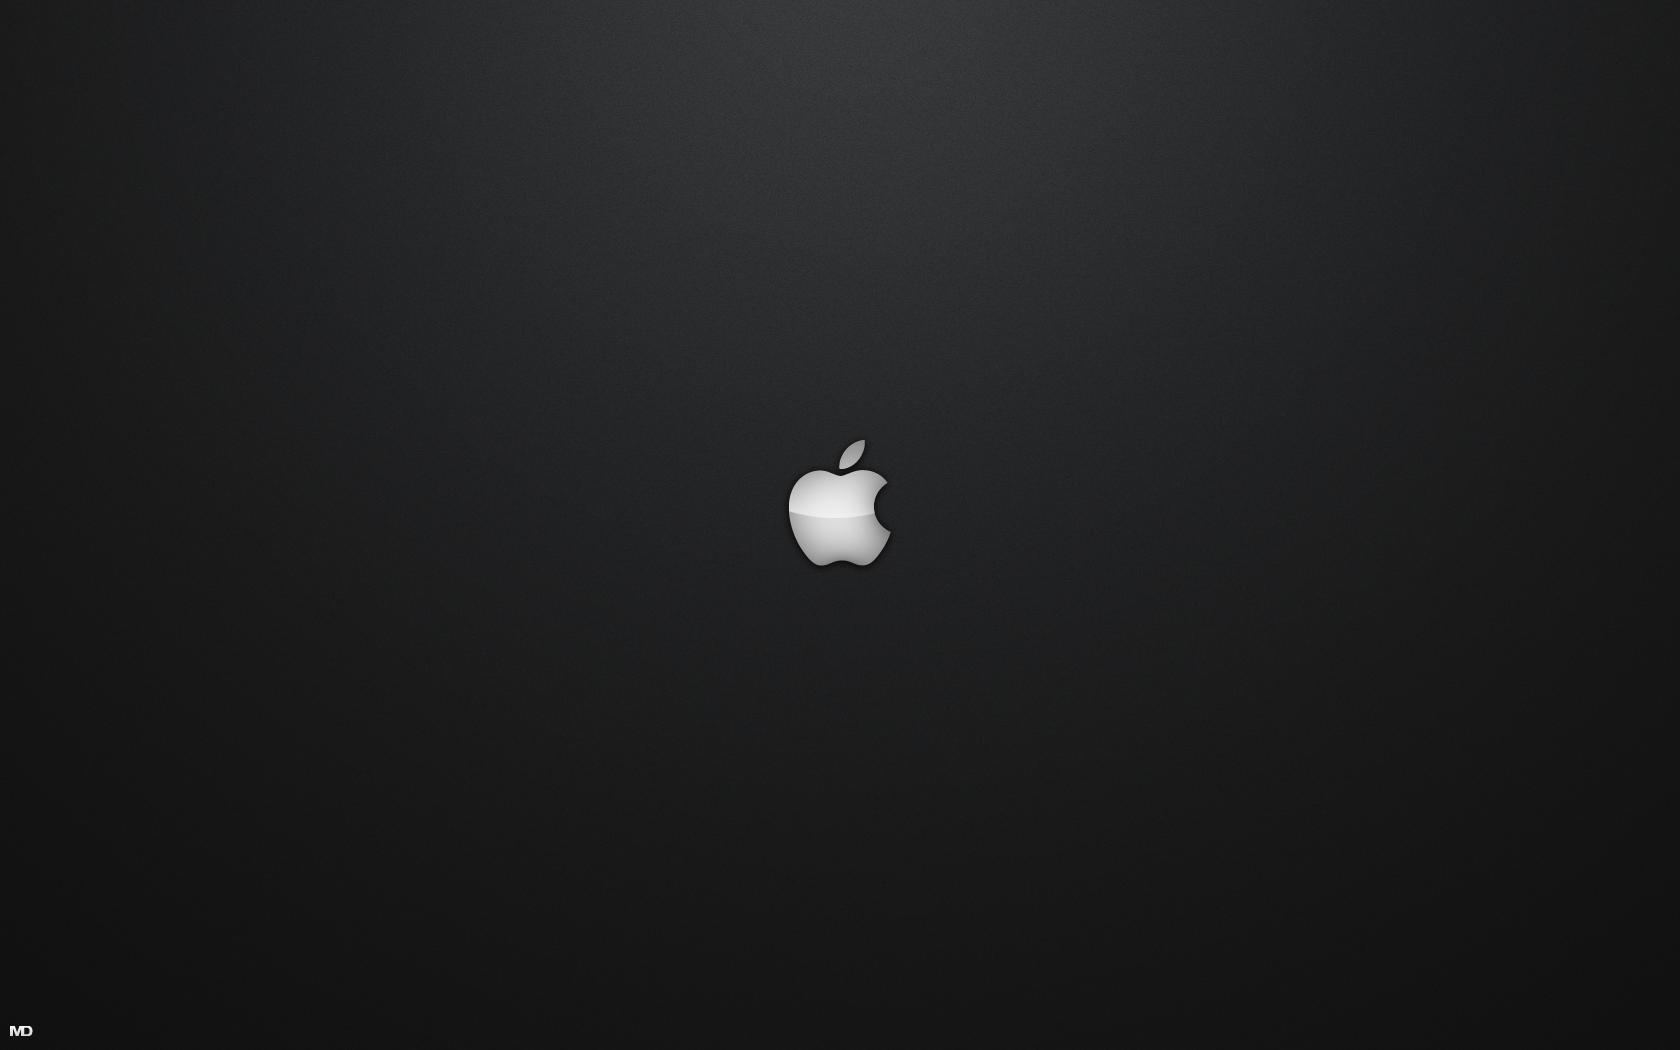 Black Cool Apple Mac Wallpaper Best #1816 Wallpaper | High Resolution ...